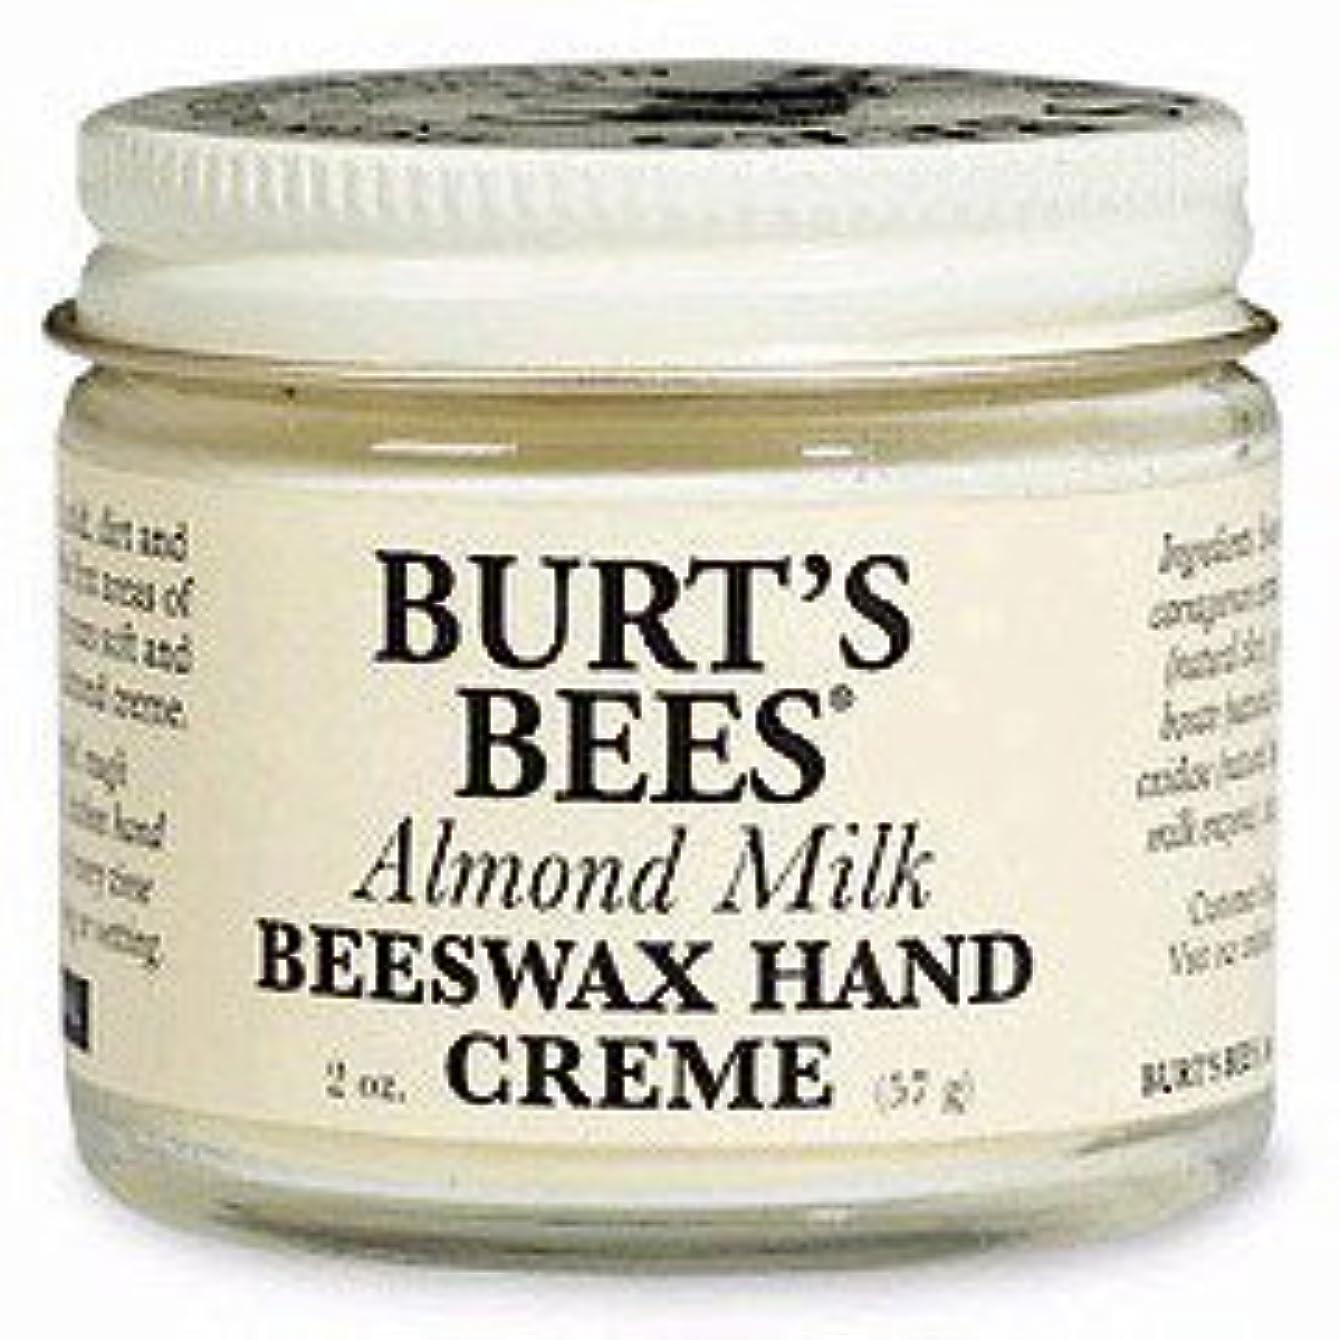 答え役に立つ治安判事バーツビーズ(Burt's Bees) アーモンドミルク?ビーズワックス?ハンドクリーム 57g [海外直送品][並行輸入品]